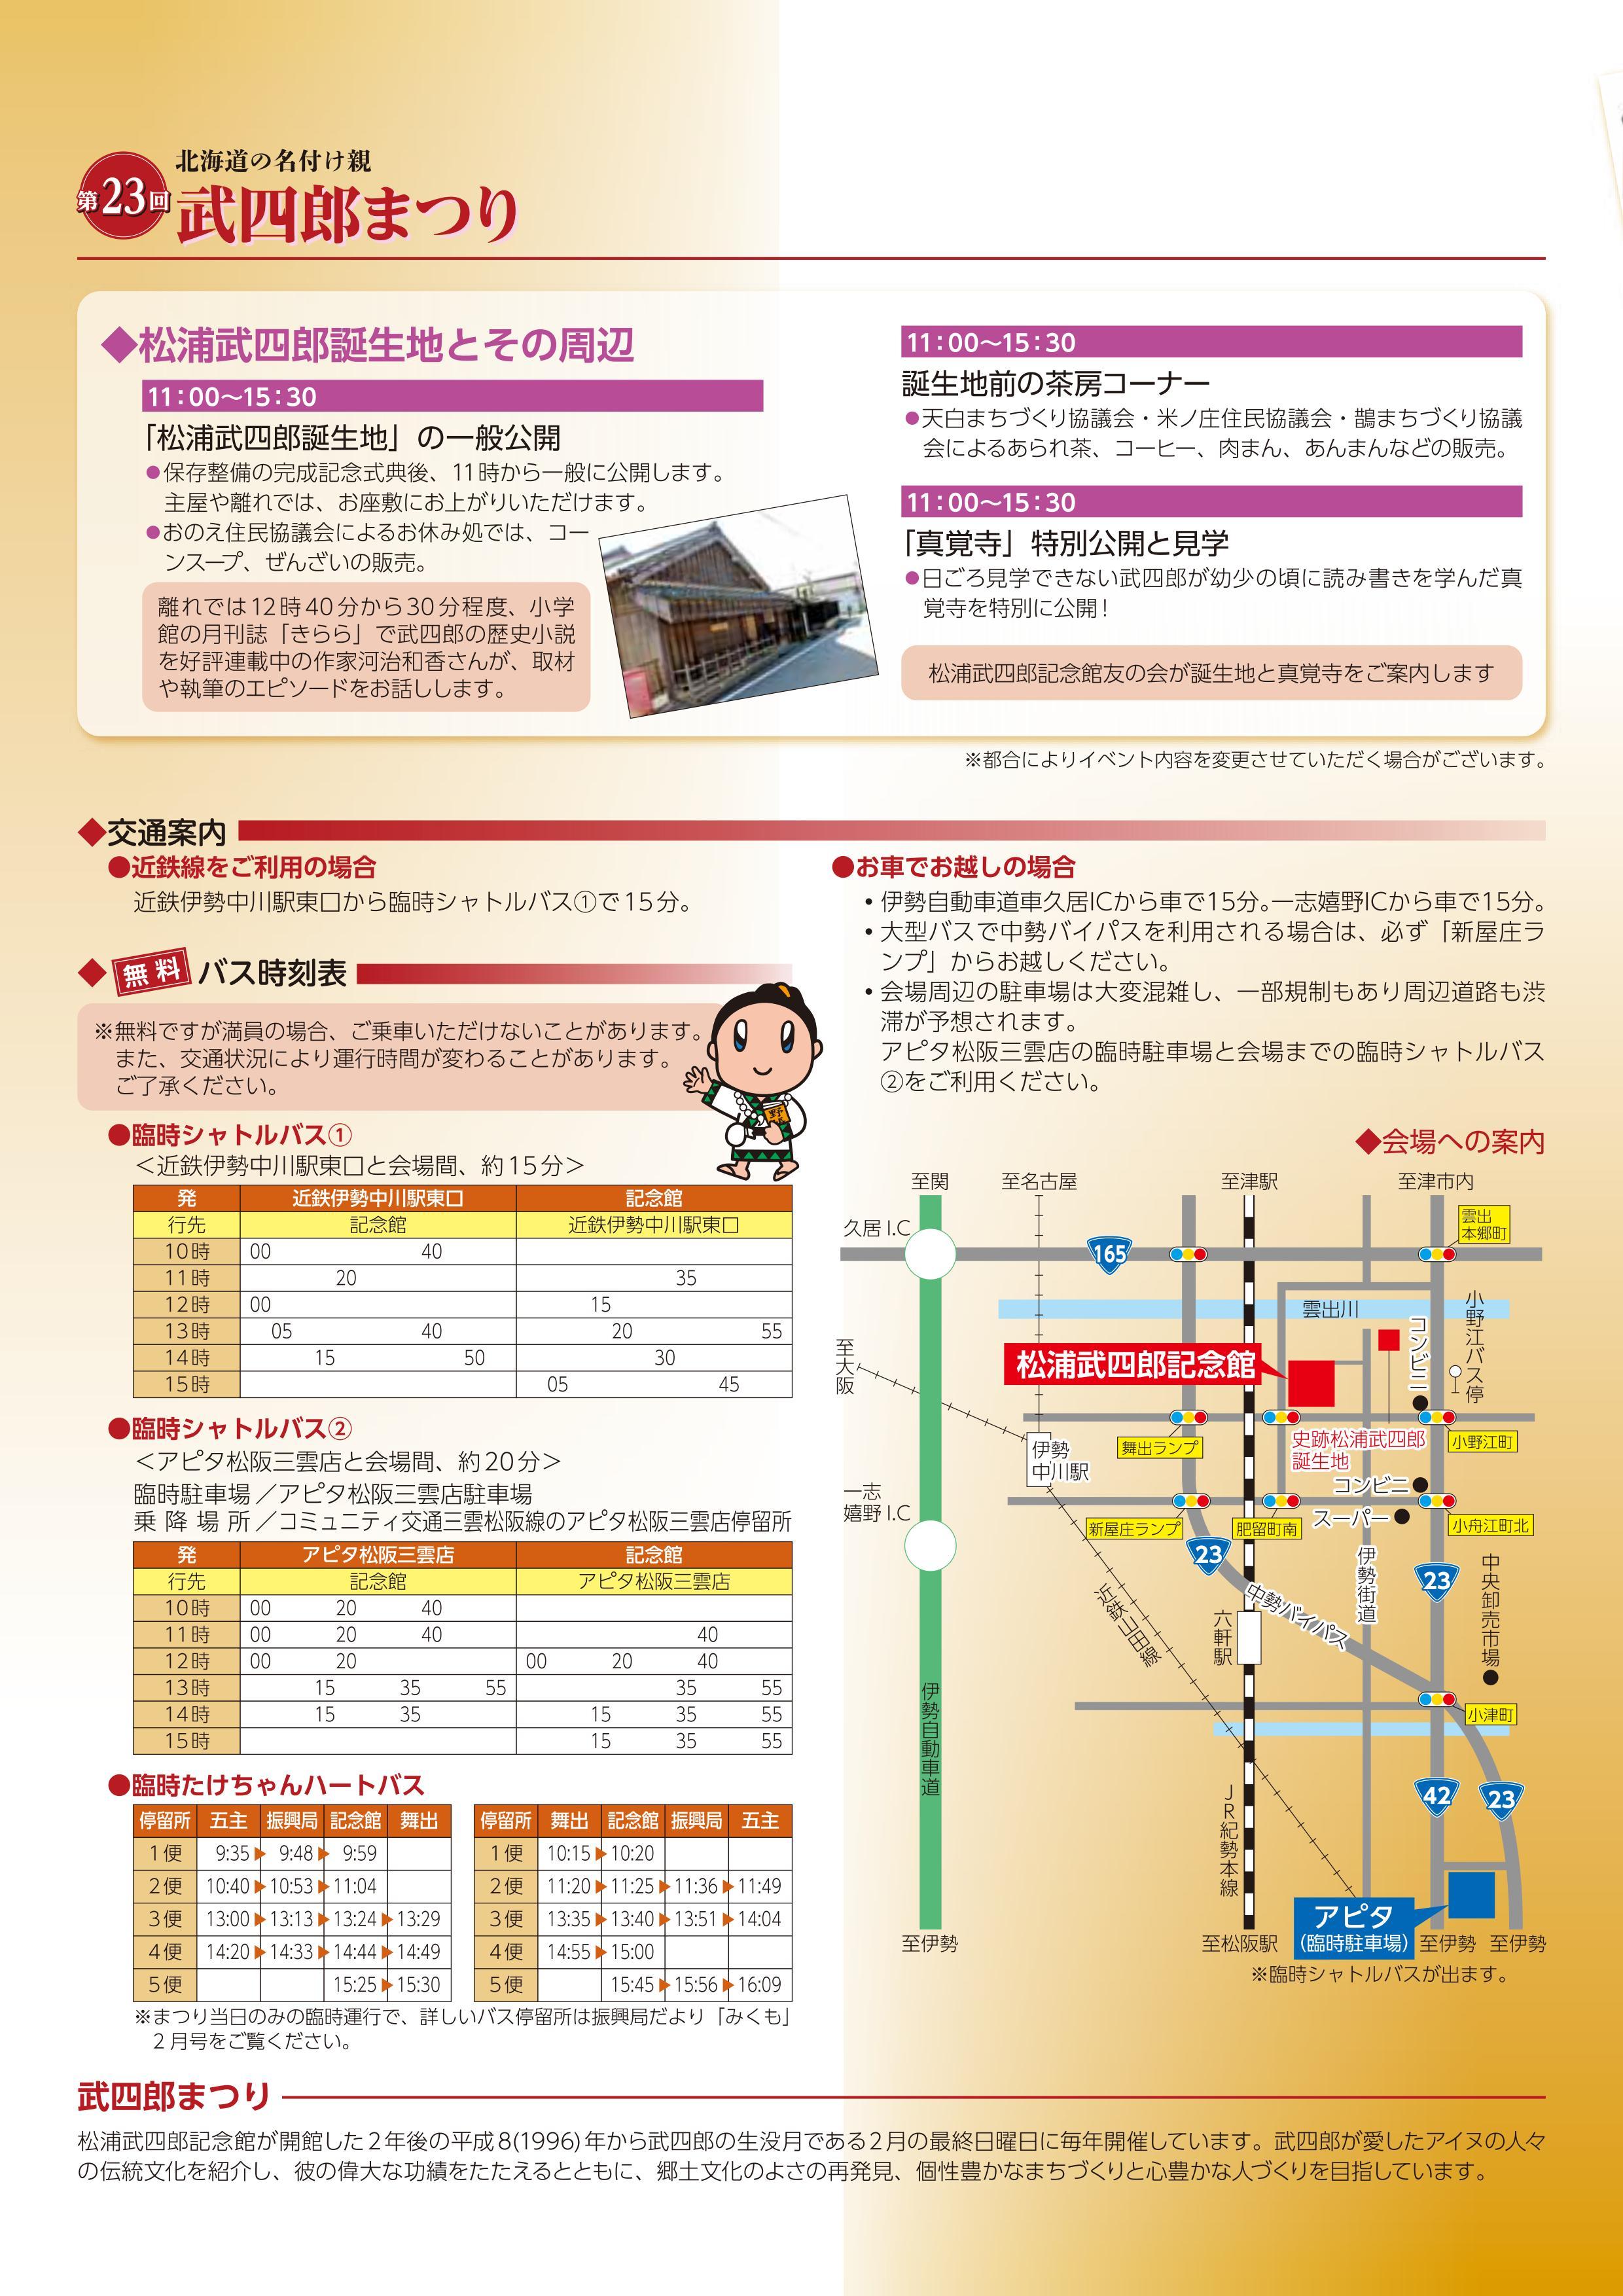 松浦武四郎生誕200年記念事業オープニングイベント・第23回武四郎まつりパンフレット_04